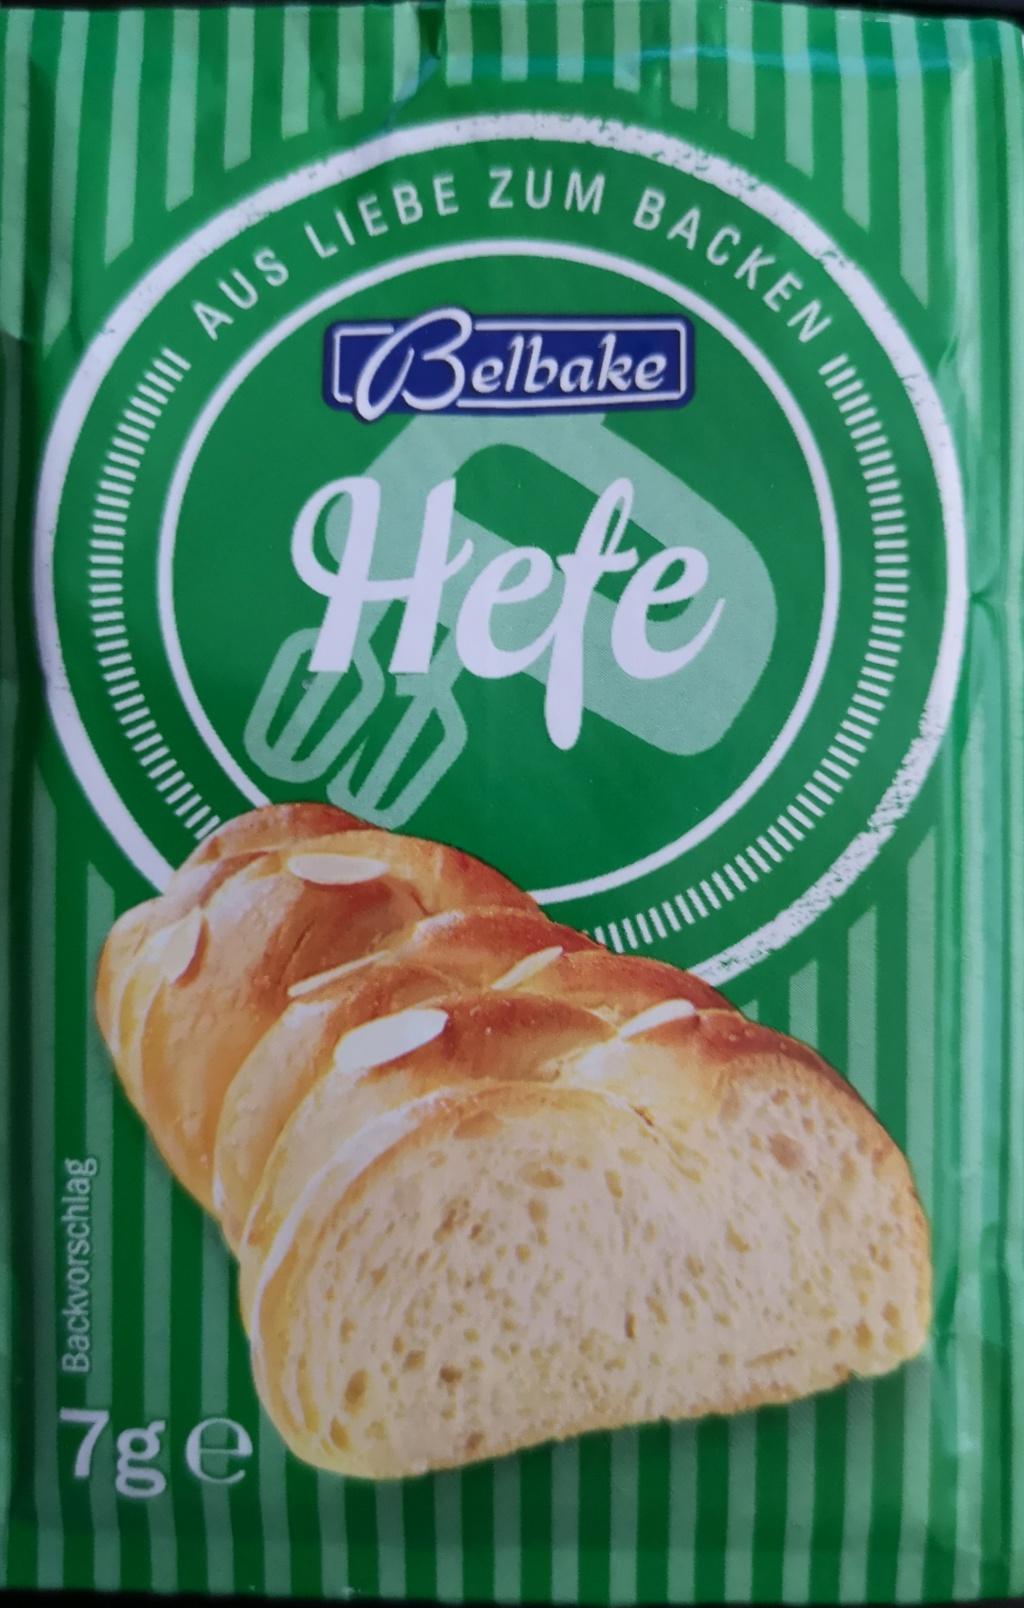 krenuo izvoz brašna iz srbije Img_2027